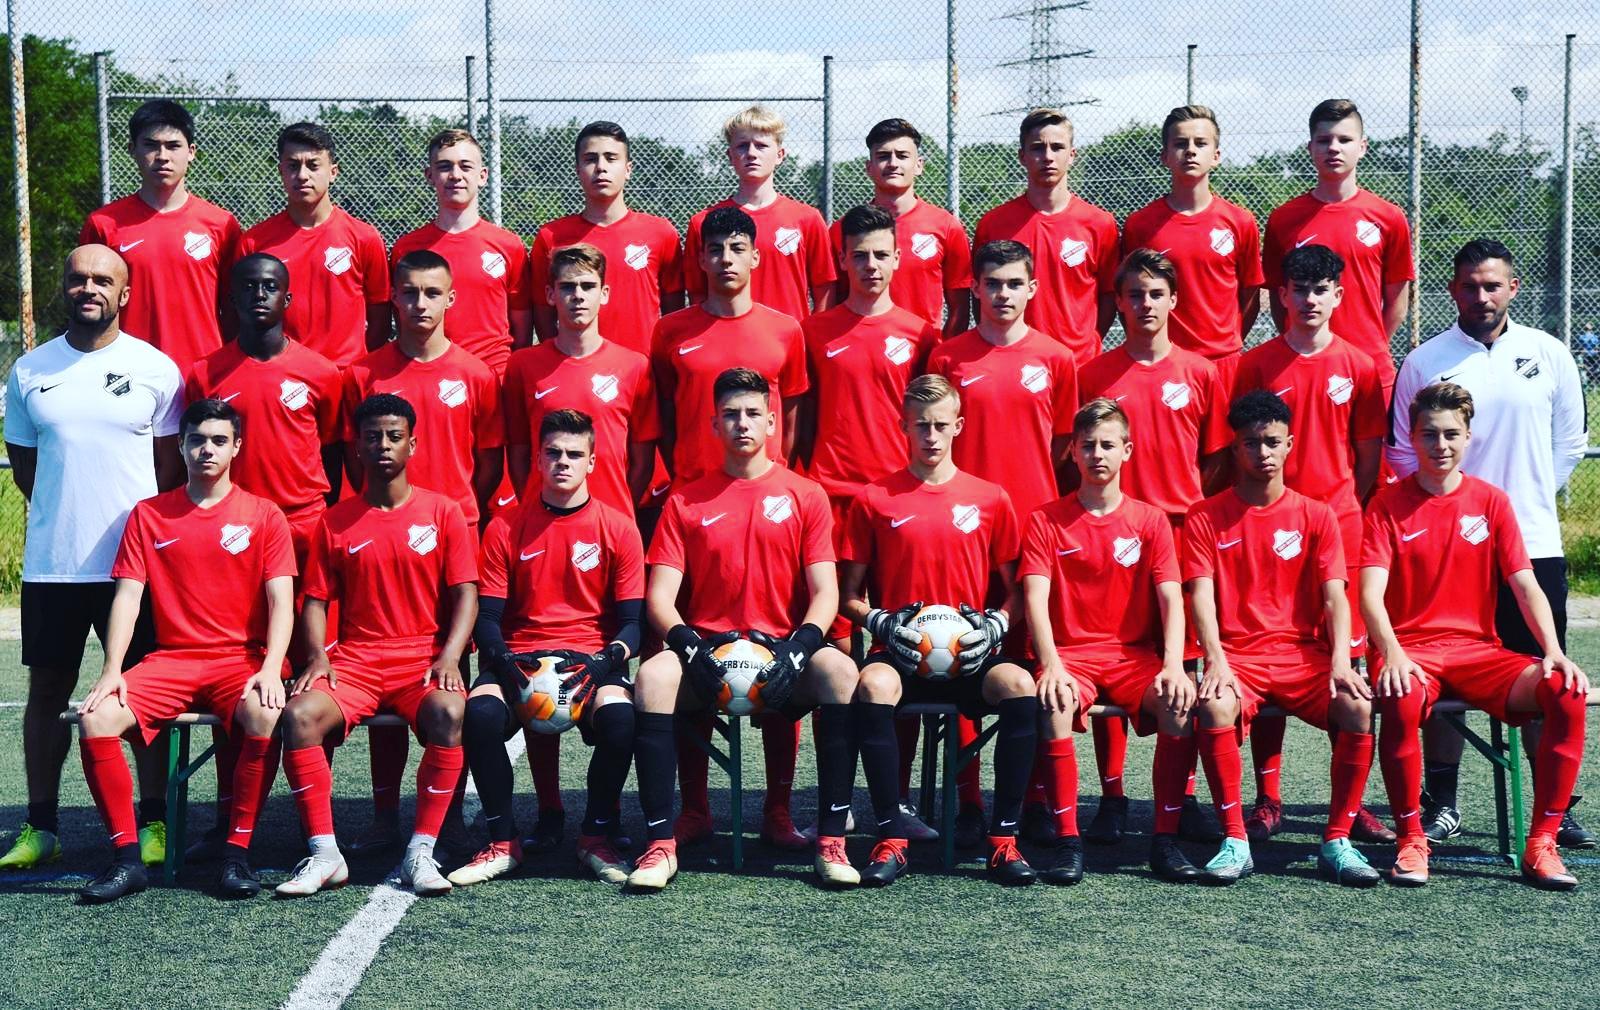 U17 Mannschaftsfoto 2019/2020